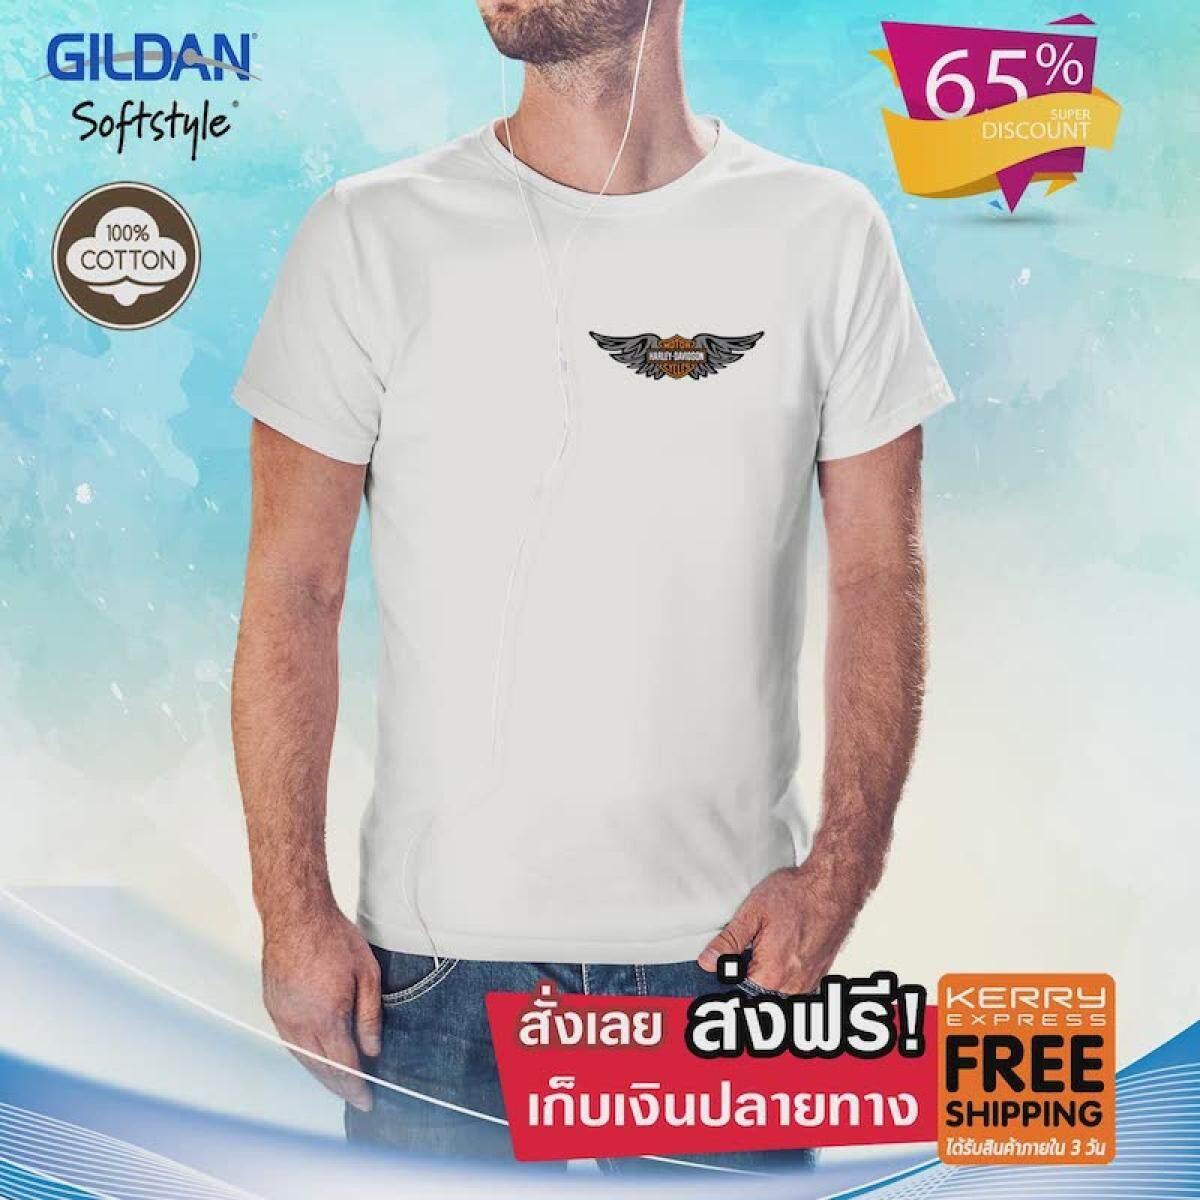 (cod) : เสื้อยืด คอกลม คนอ้วน (สีขาว - White) ลายเก๋ๆ Arley-Davidson Wings รูปเล็ก ติดอกเสื้อ Mens Short Sleeve T-Shirt Diy Design Gildan Premium ผ้าคอตตอน 100% เสื้อผ้า Fashion สวยๆ เท่ทุกองศา ลดล้างสต๊อค.